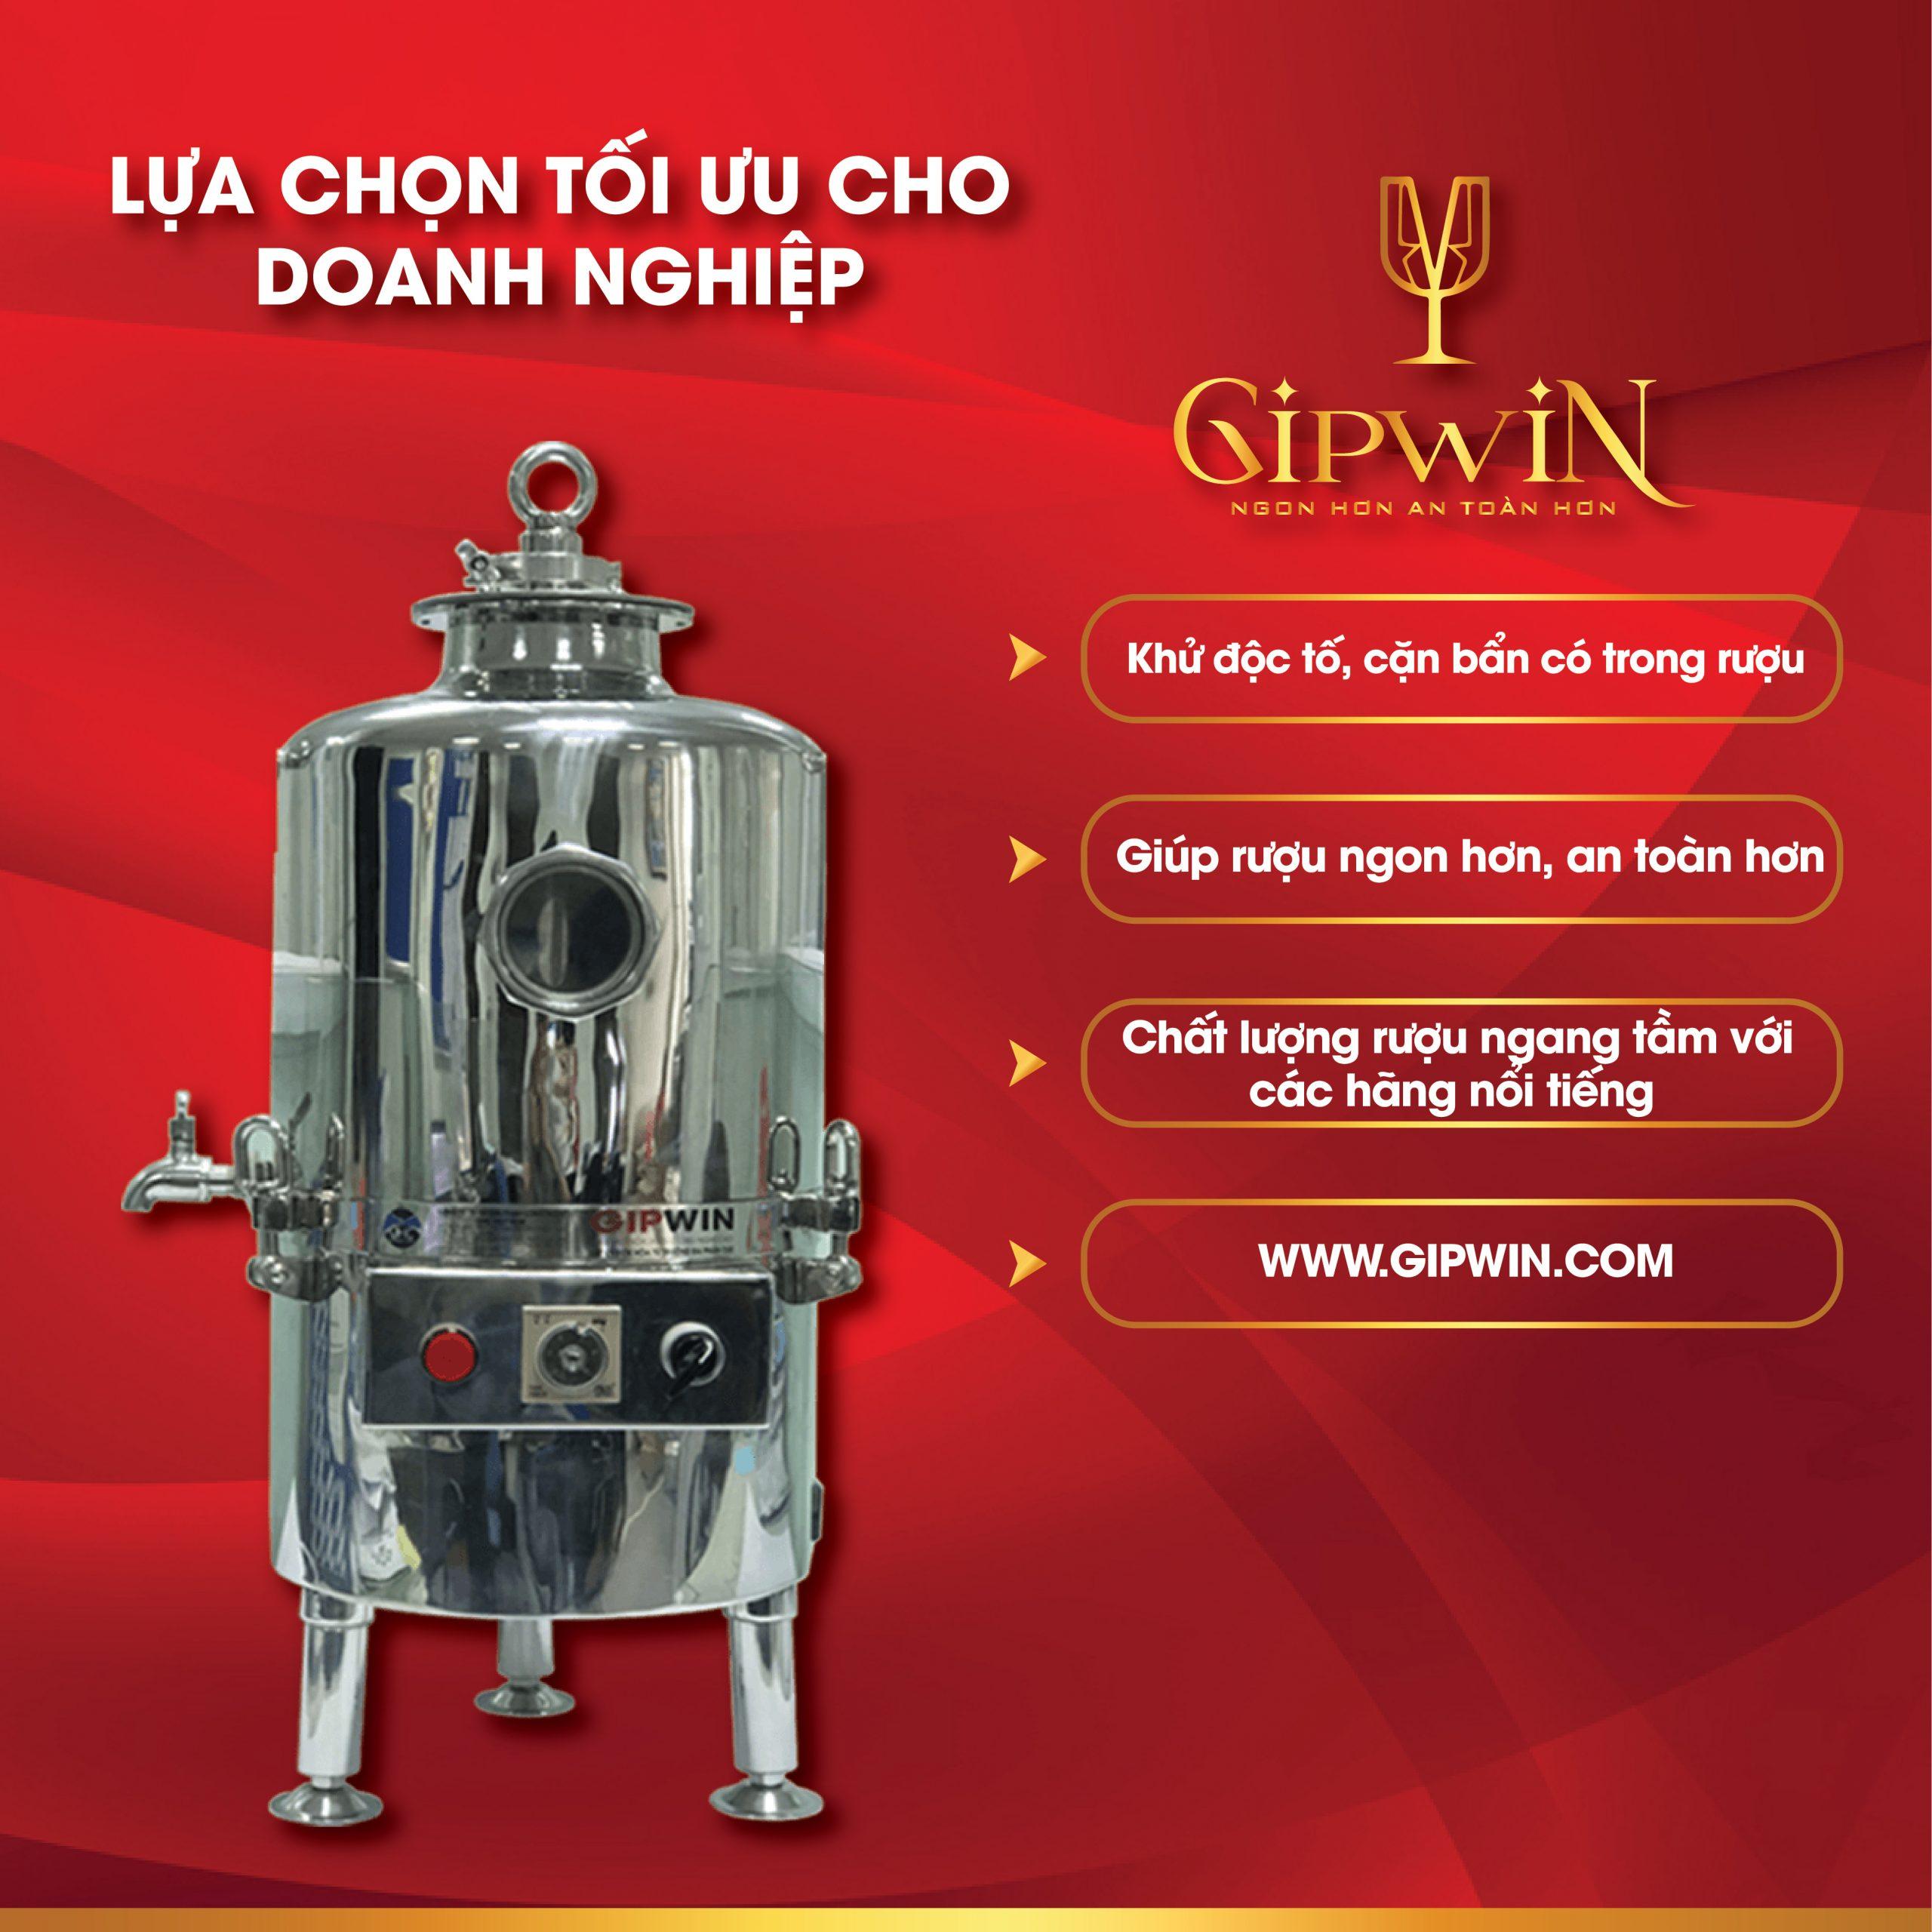 Gipwin - Lựa chọn tối ưu cho giải pháp xử lý rượu